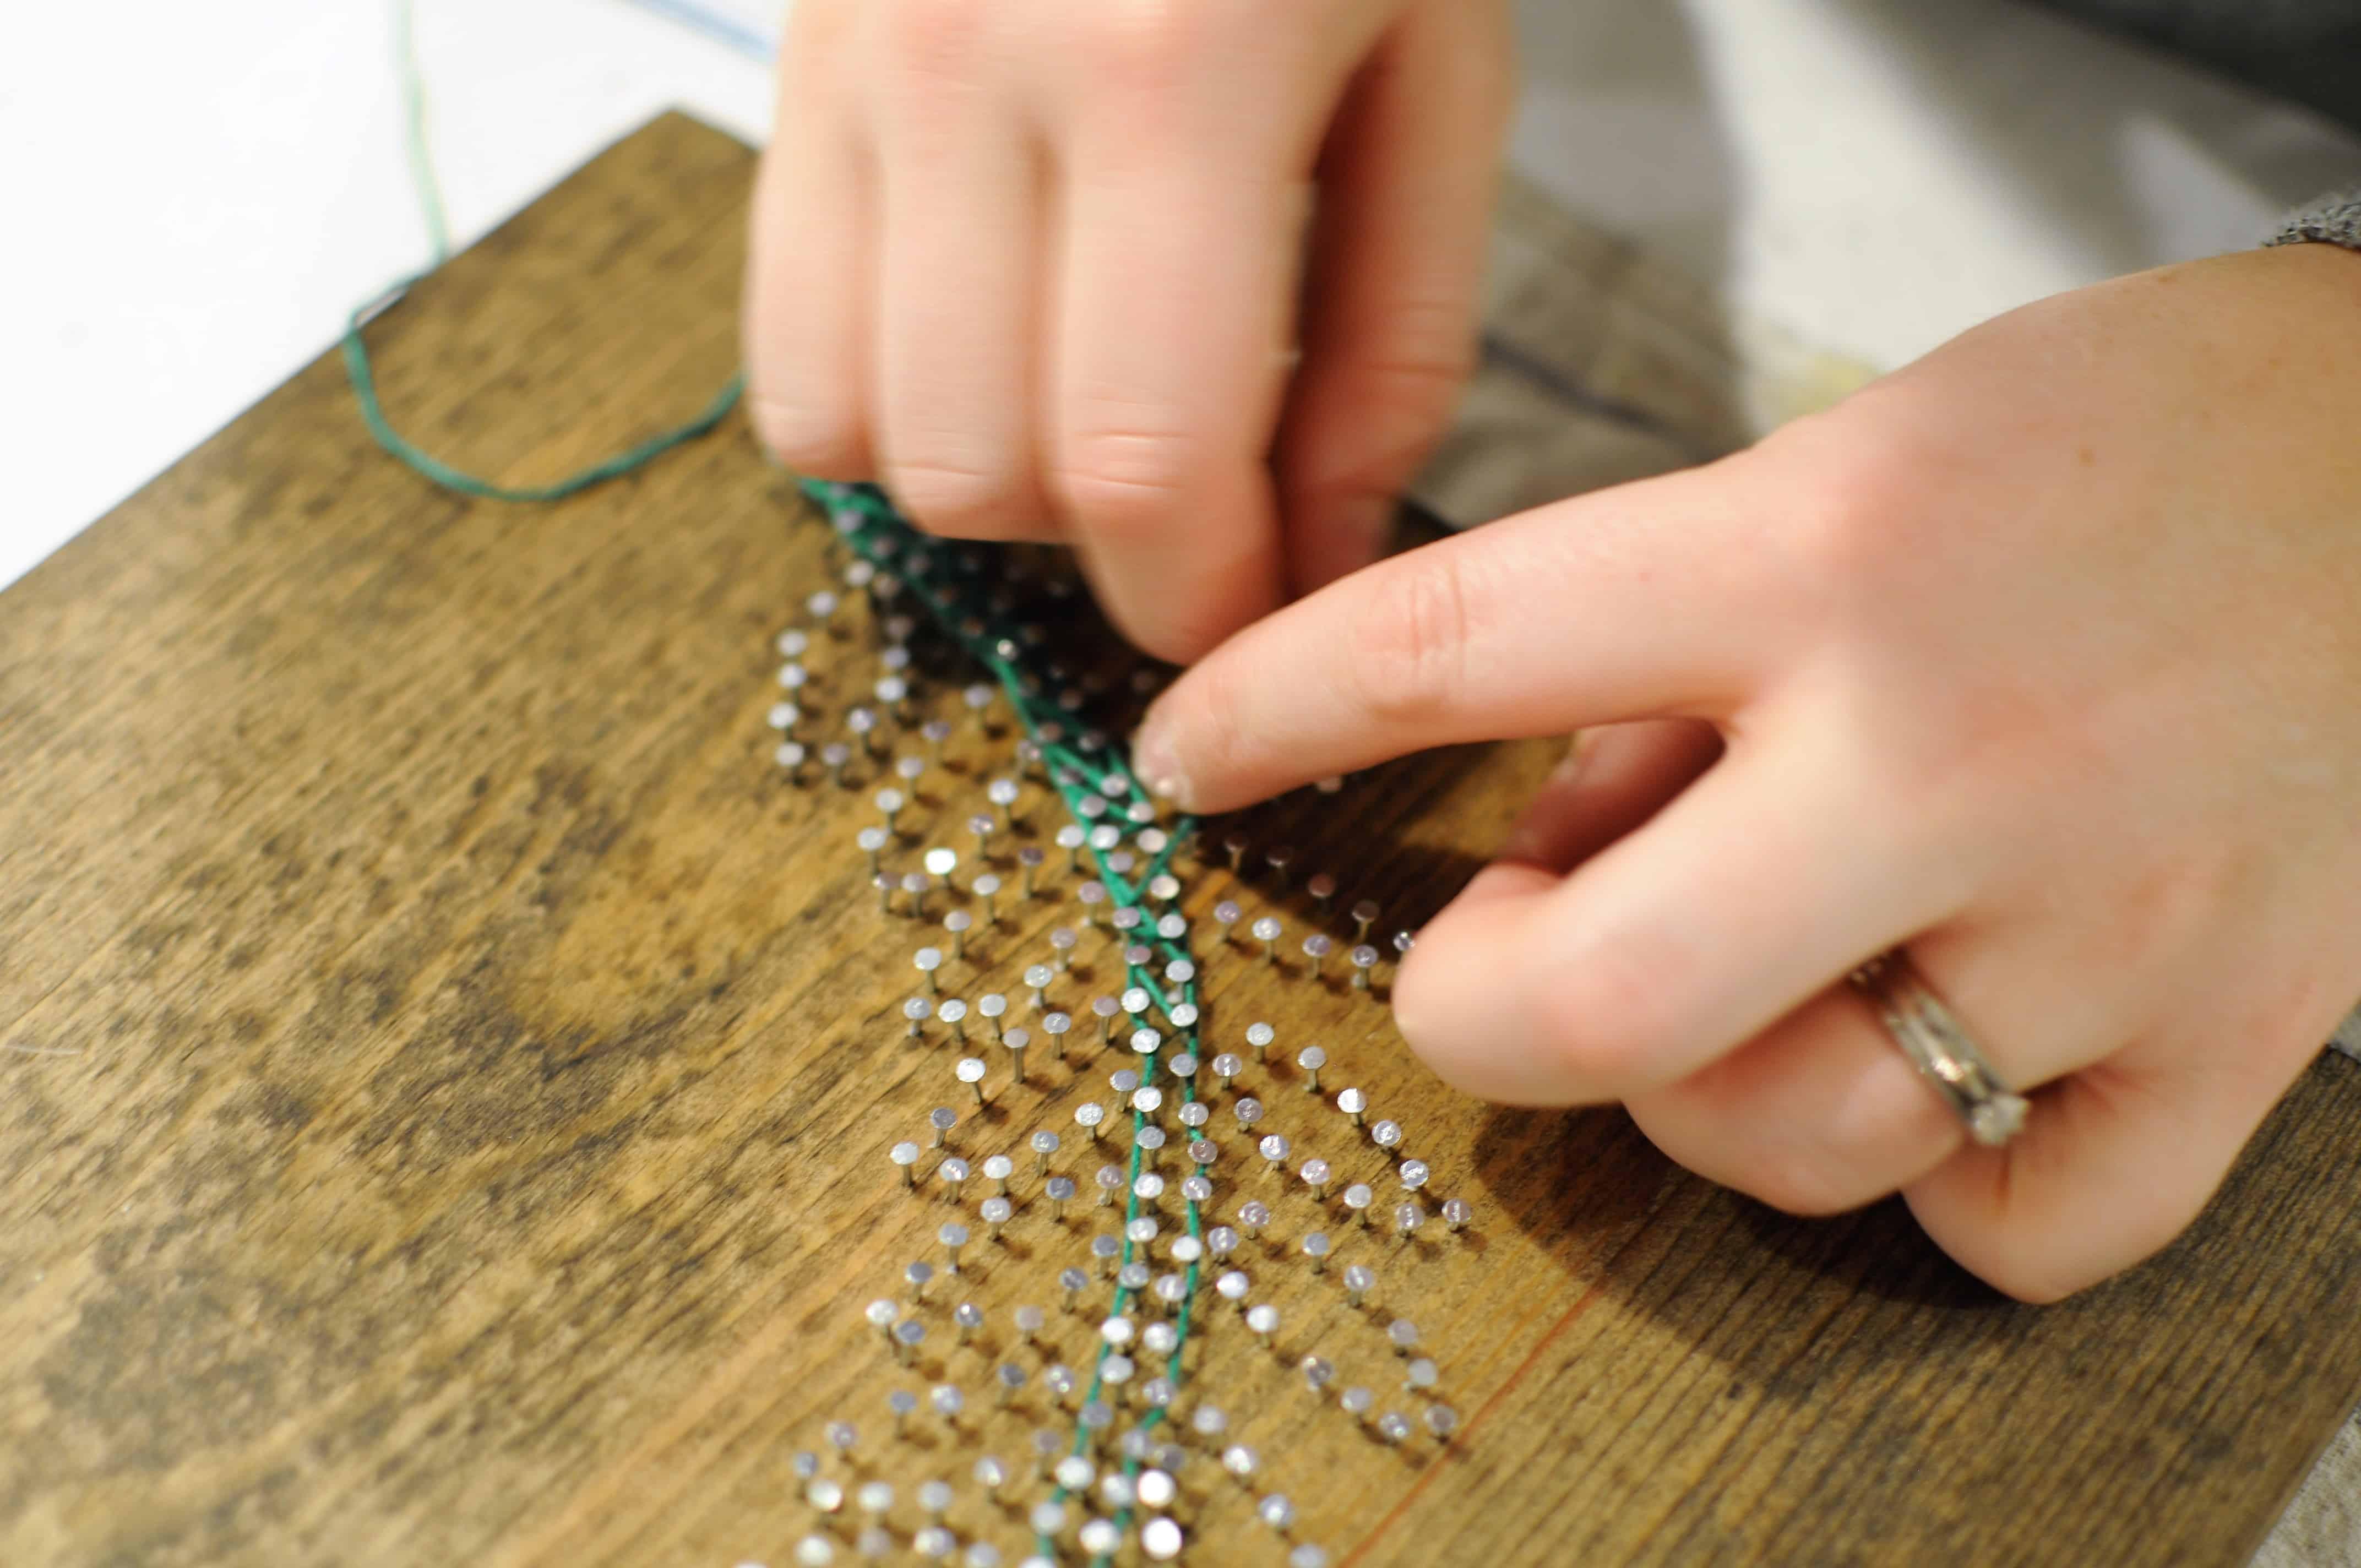 diy string art stringing between nails